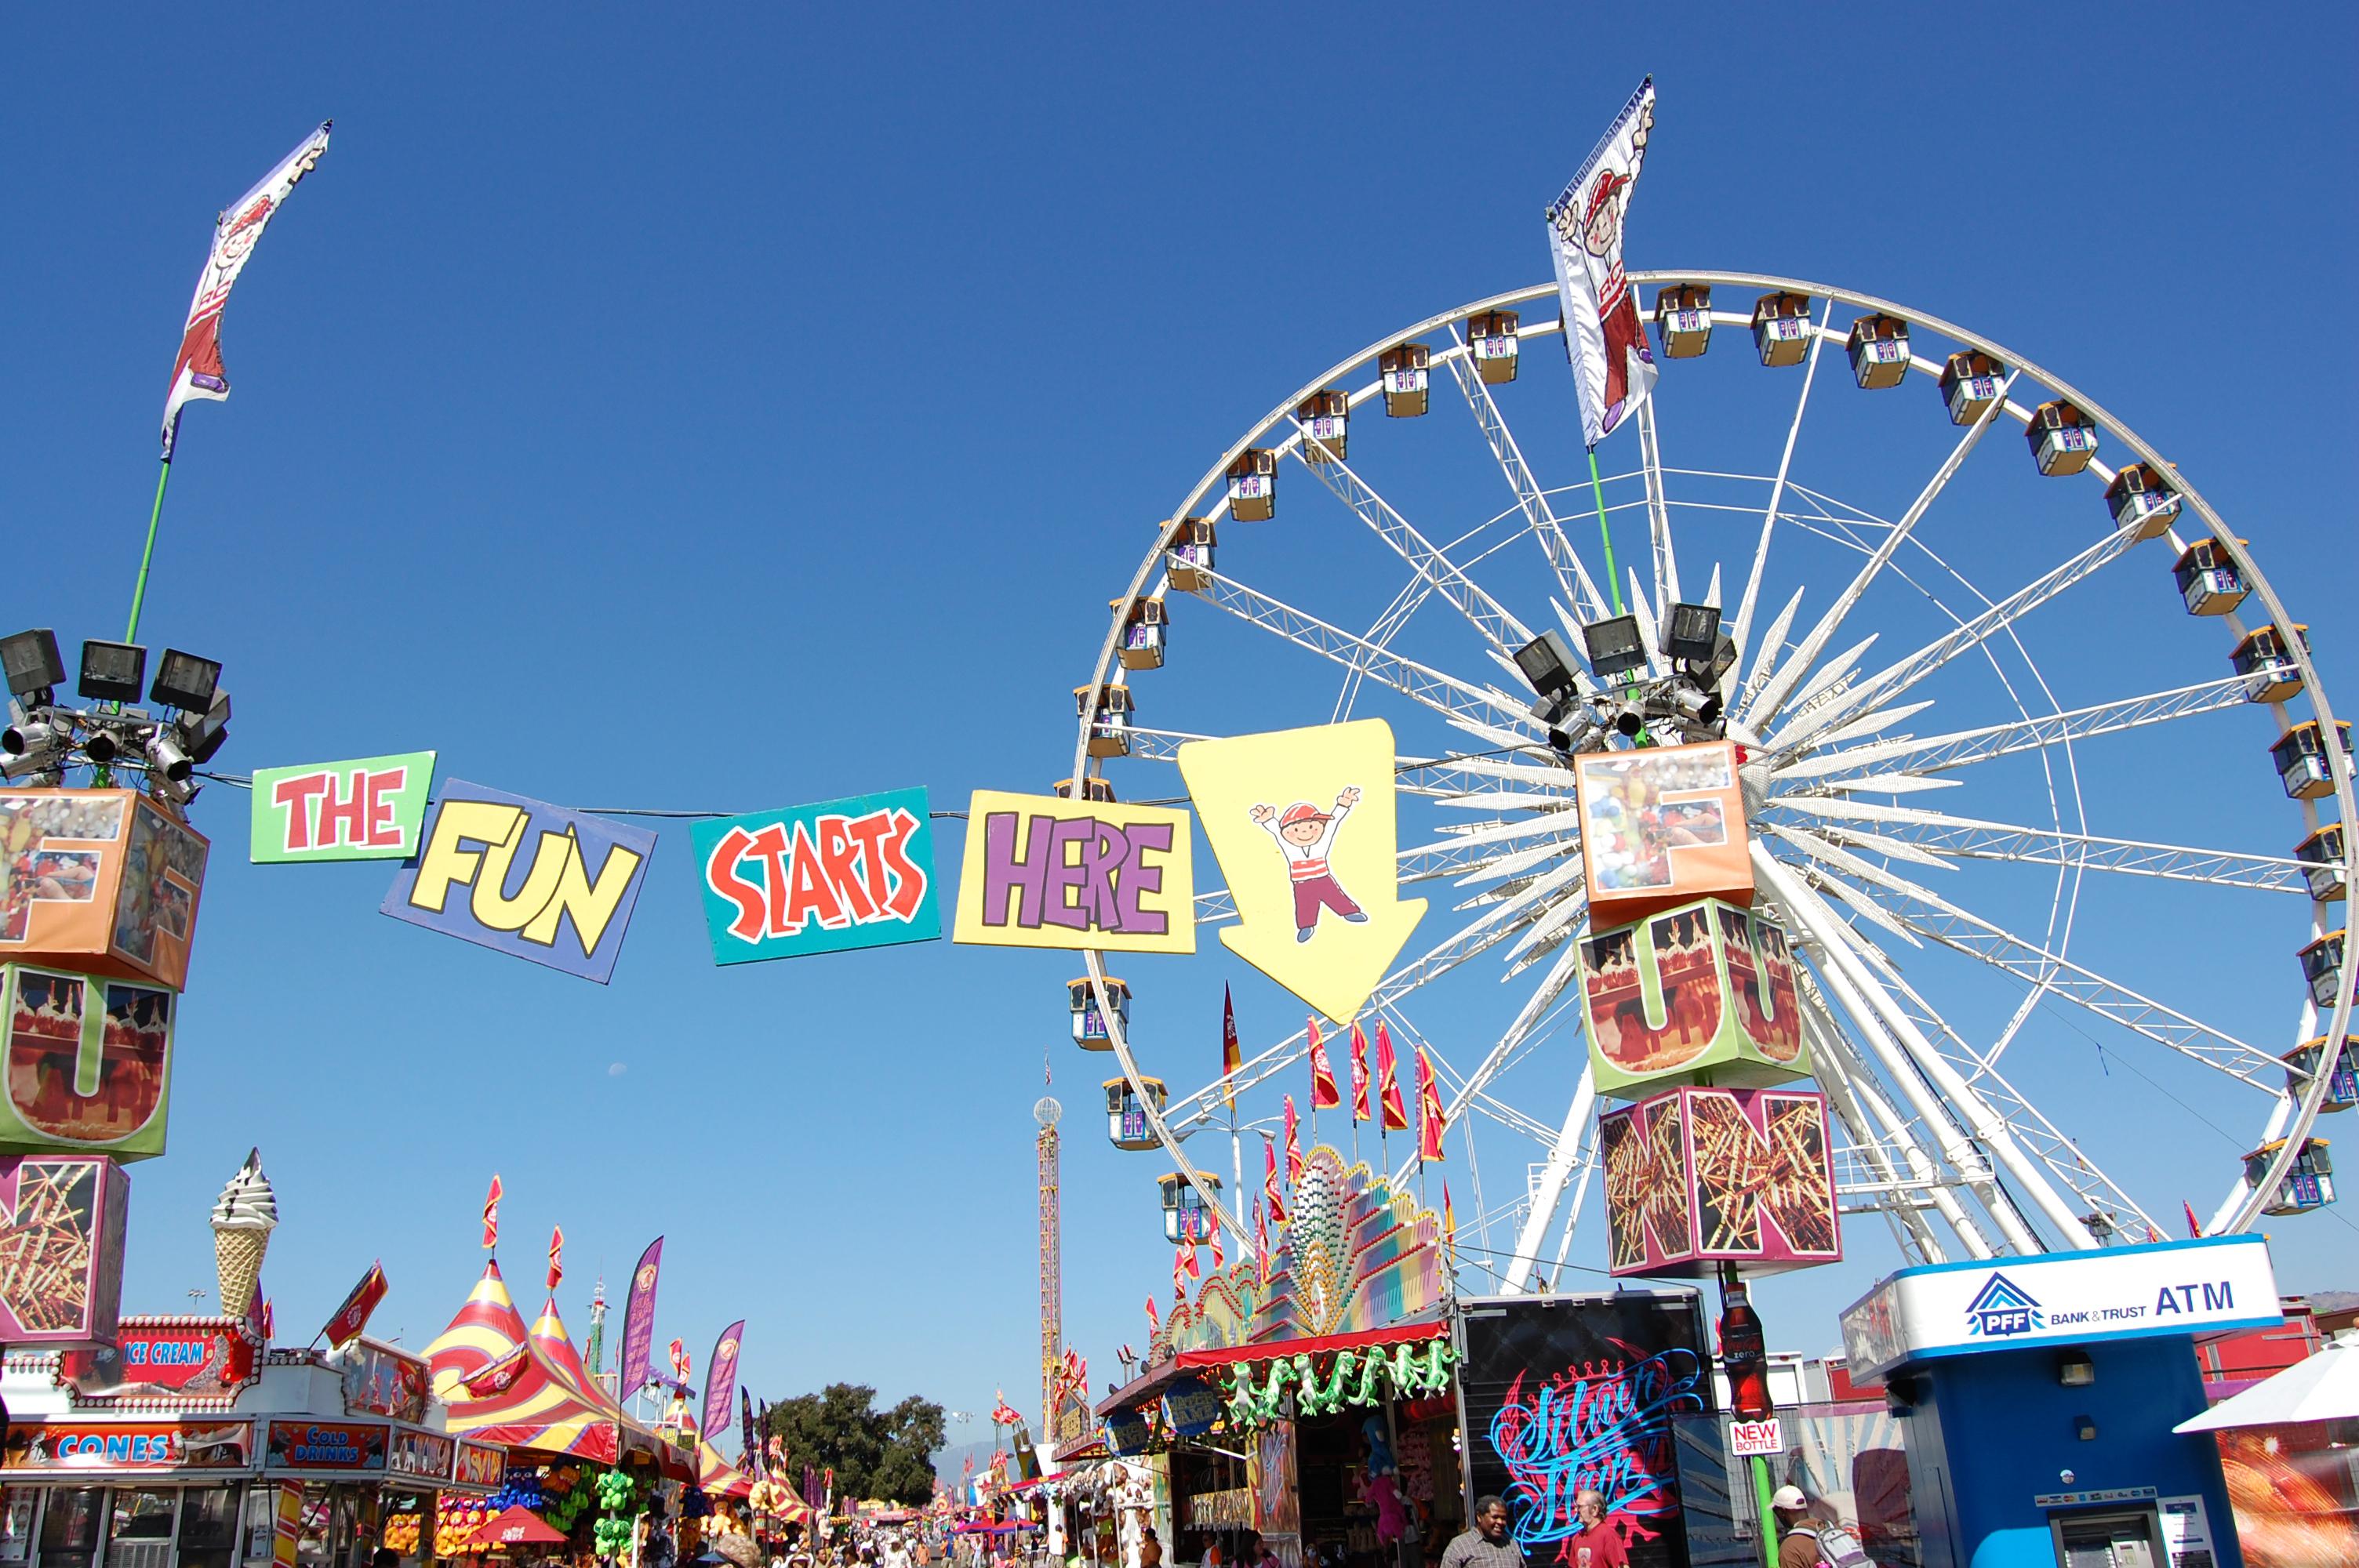 La county fair dates in Perth